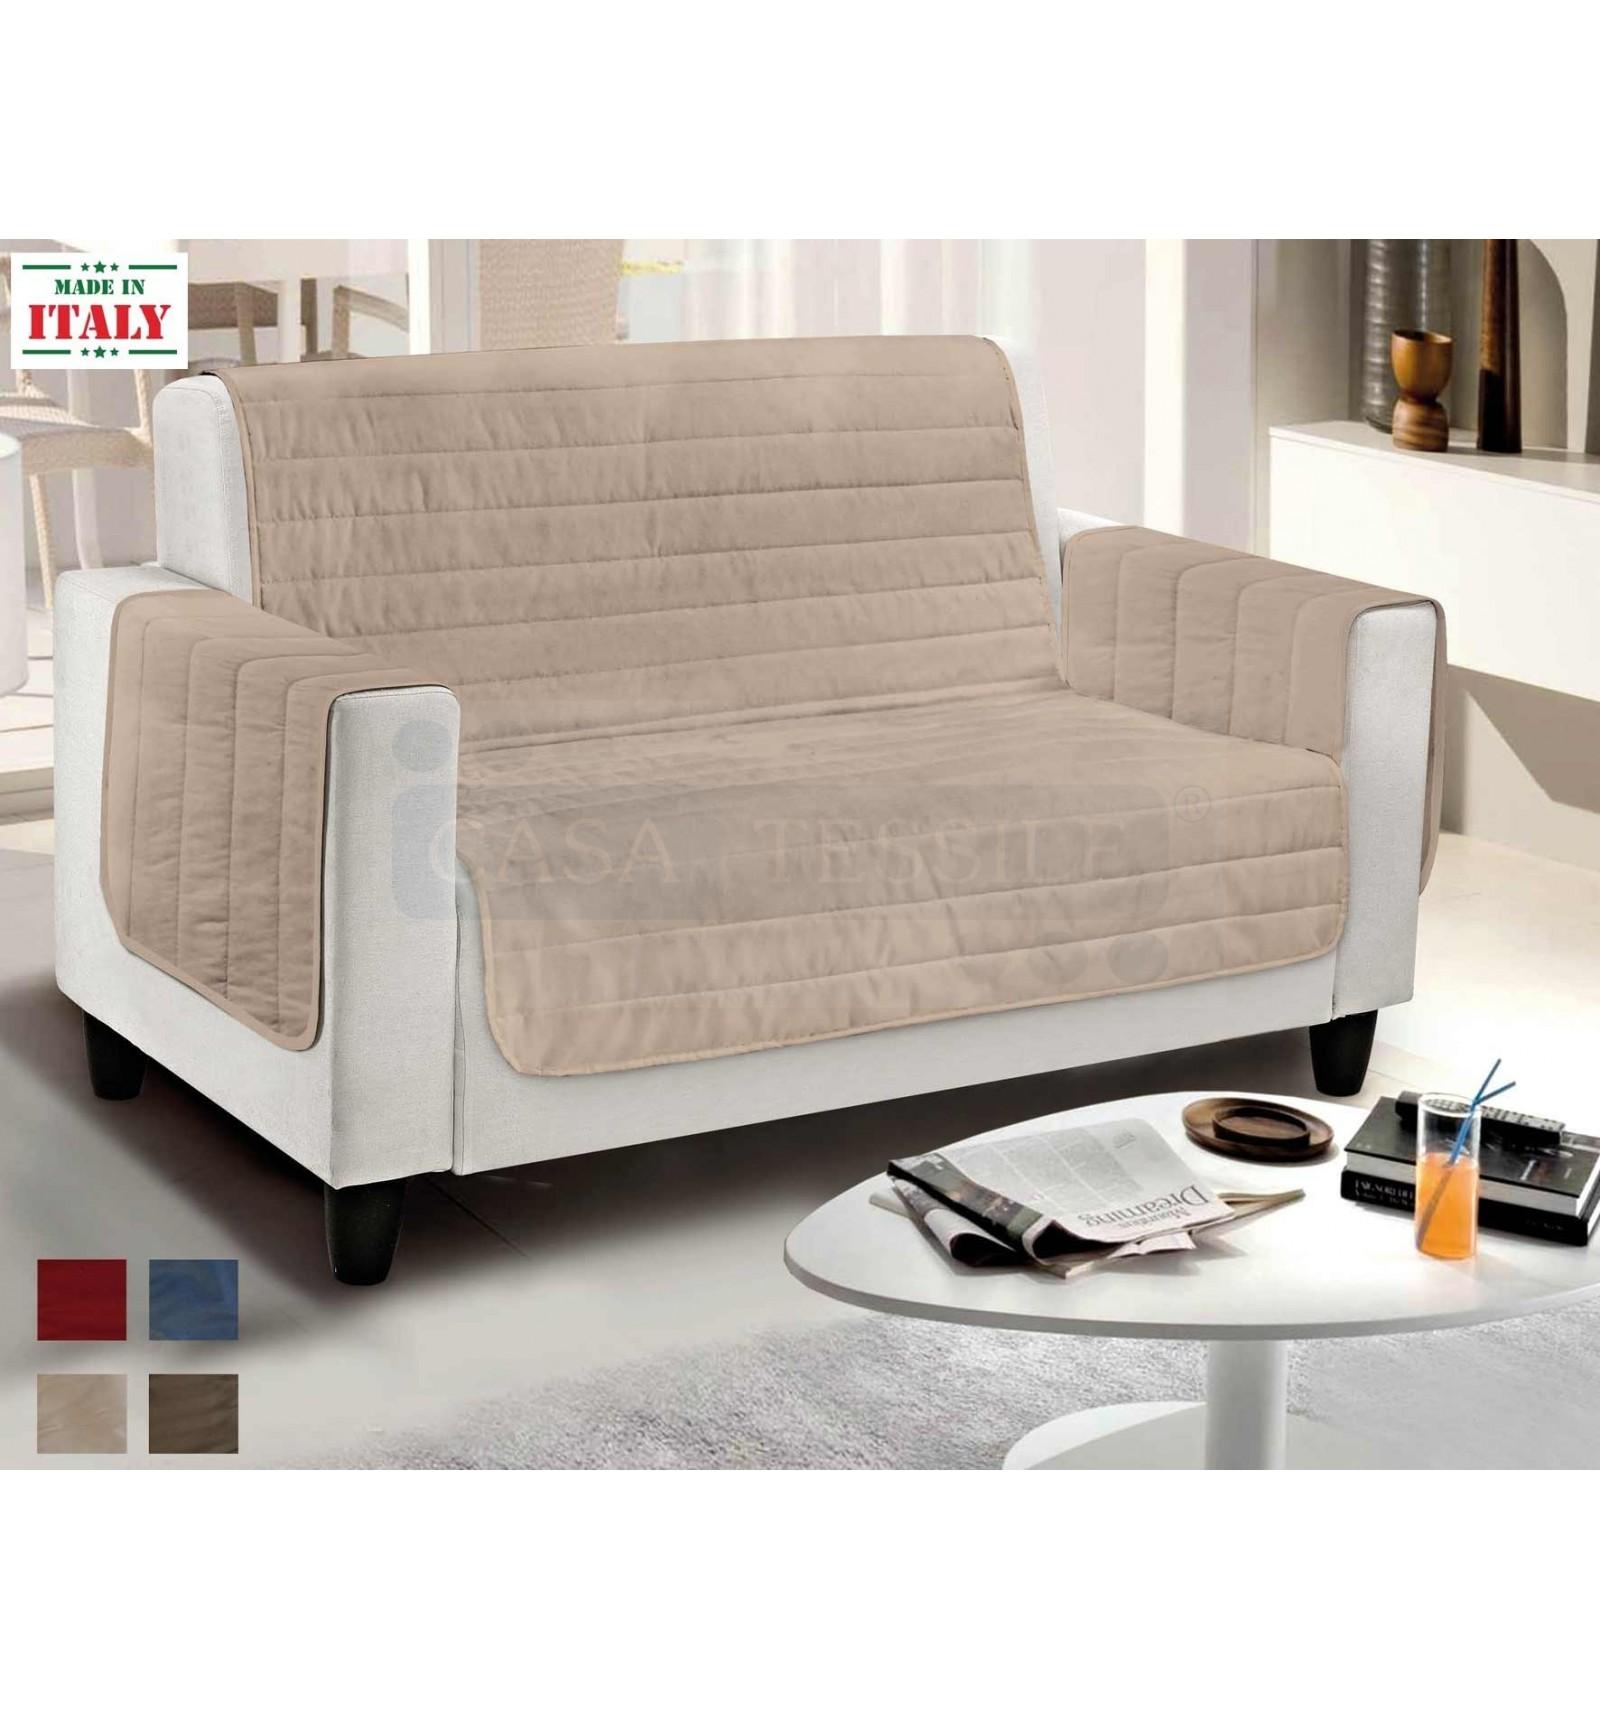 relax couch abdeckung und gepolstertes sofa decken verschiedene ma nahmen casa tessile. Black Bedroom Furniture Sets. Home Design Ideas